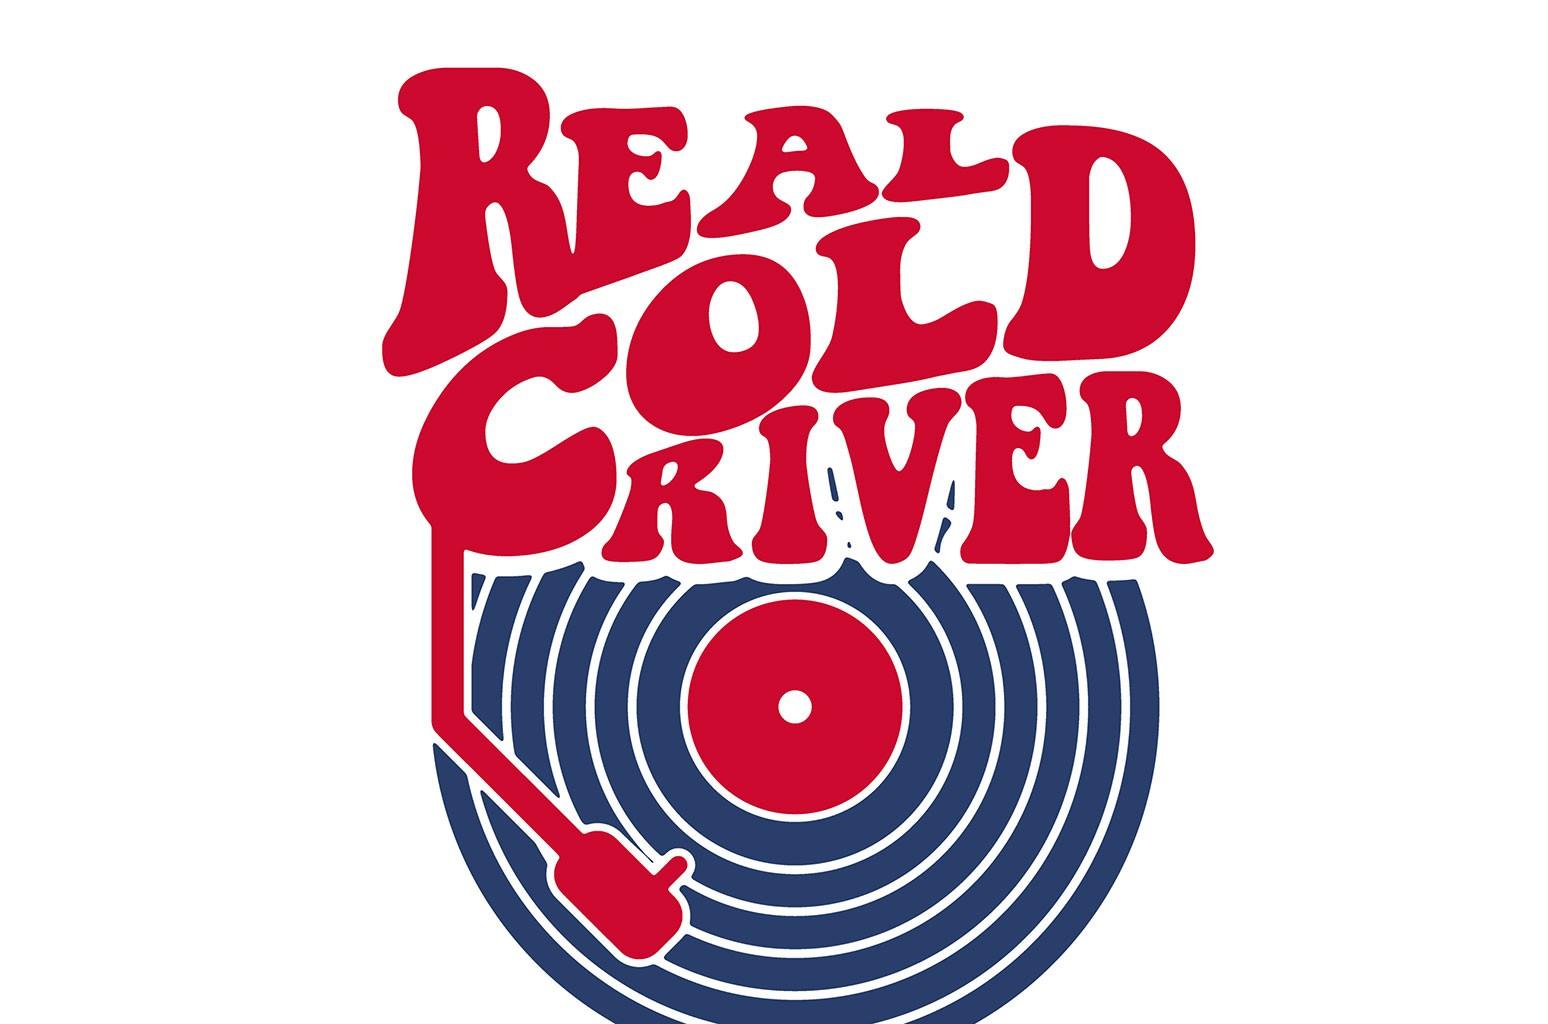 Cold River Records